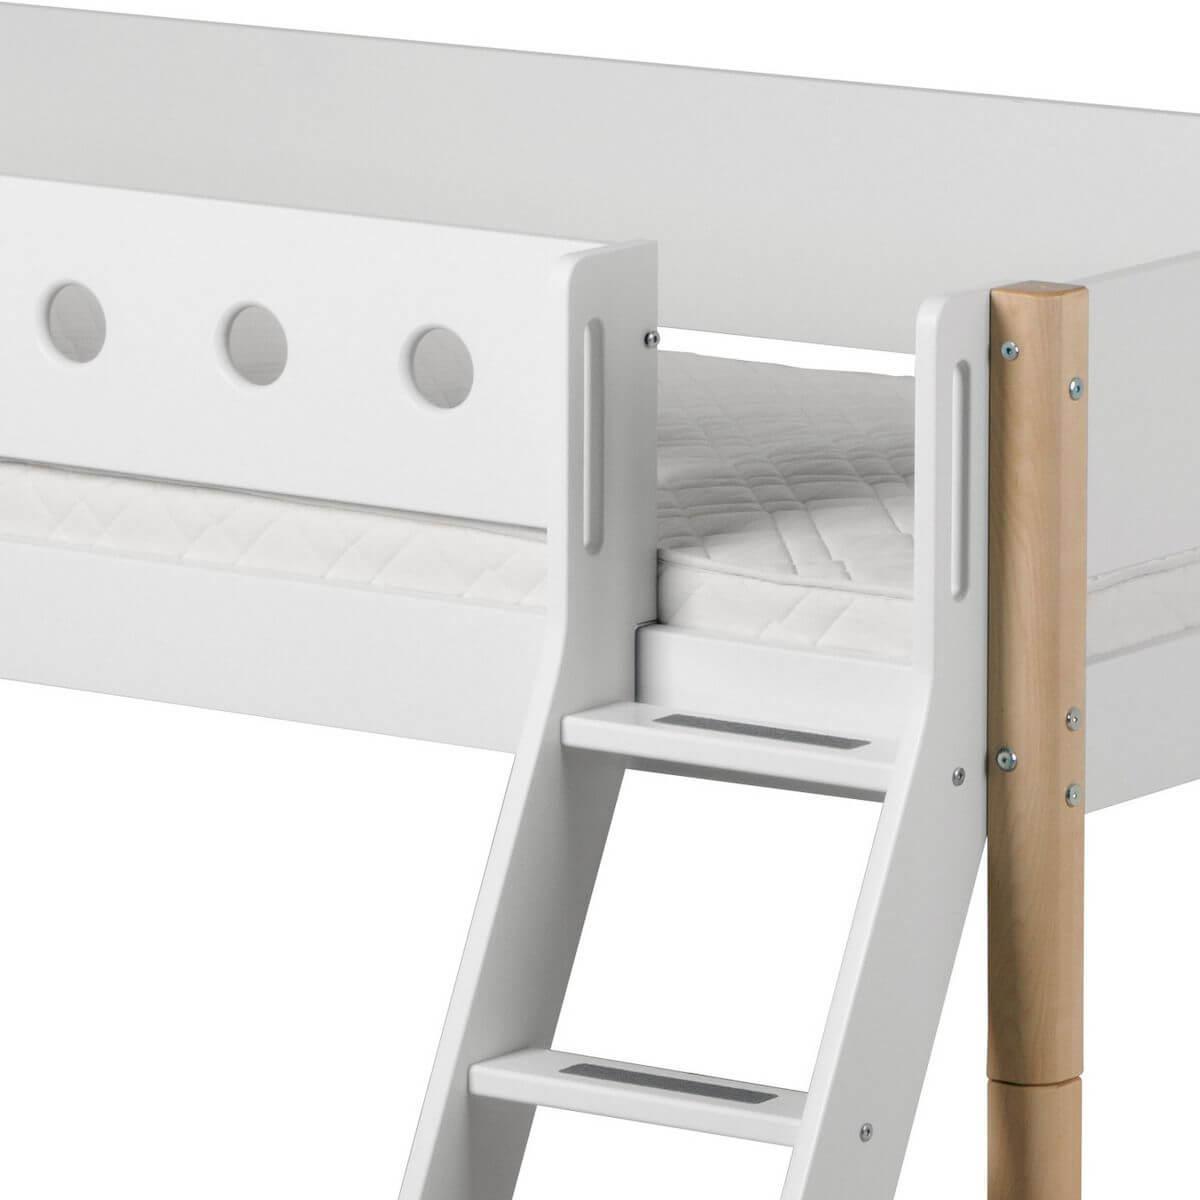 WHITE by Flexa Lit mi-hauteur en MDF 90x190 cm avec échelle incinée,  barrière de sécurité blanche et pieds en bouleau naturel